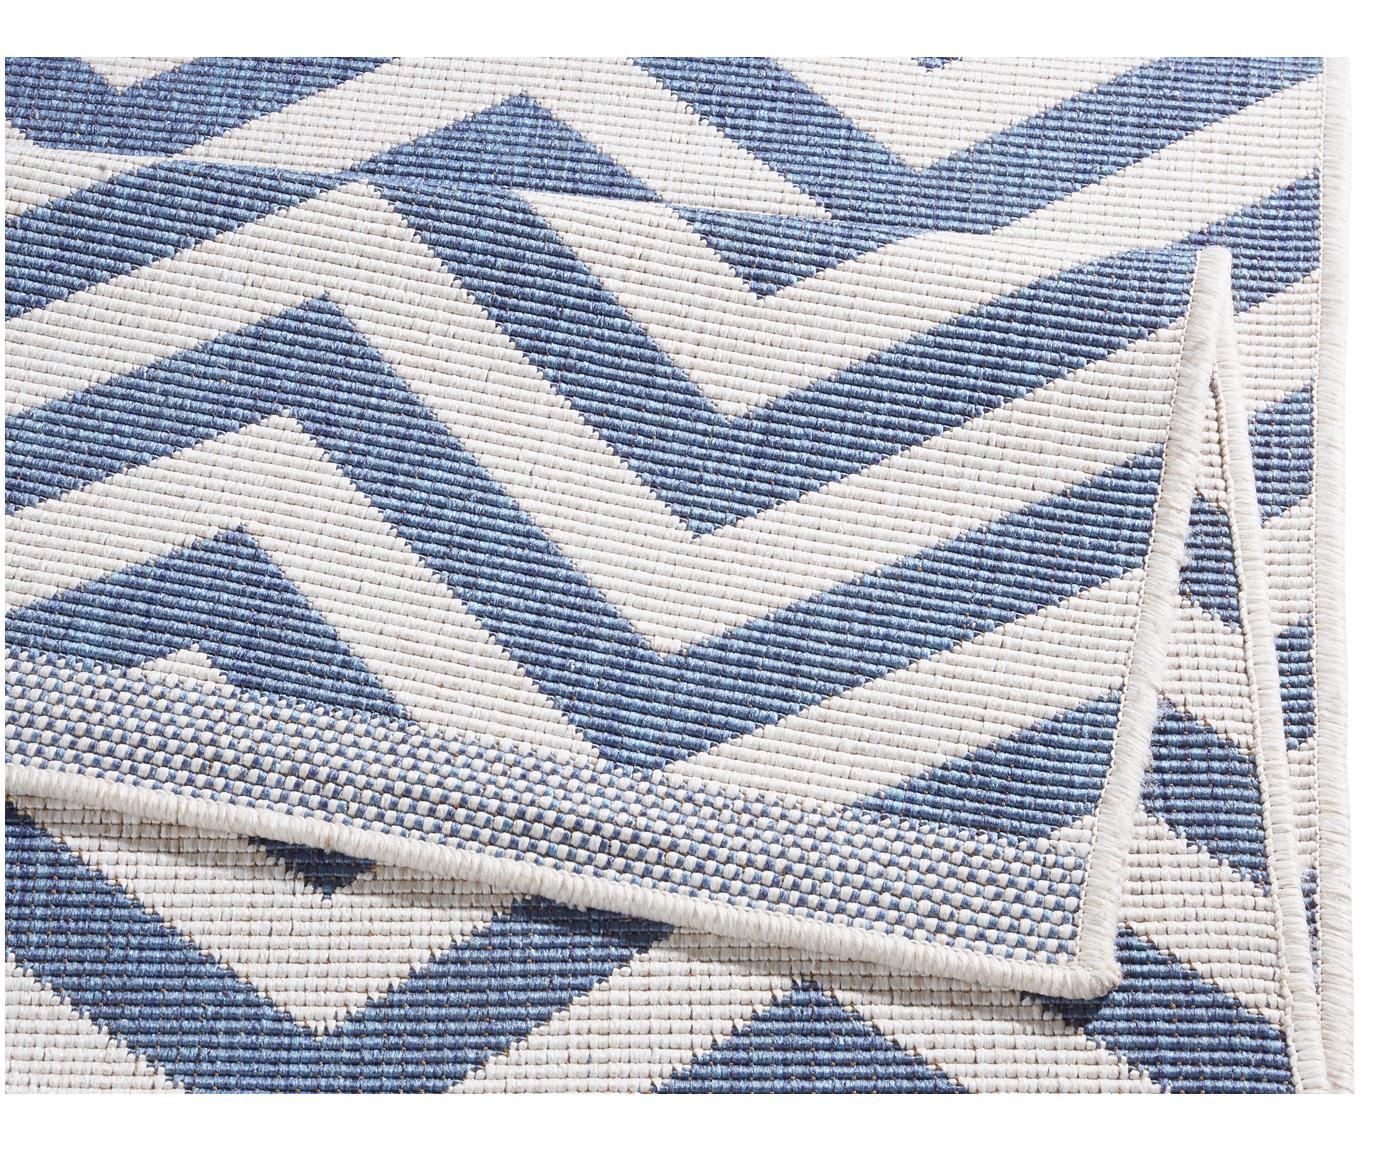 In- & Outdoor-Teppich Palma mit Zickzack-Muster, beidseitig verwendbar, Blau, Creme, B 120 x L 170 cm (Größe S)